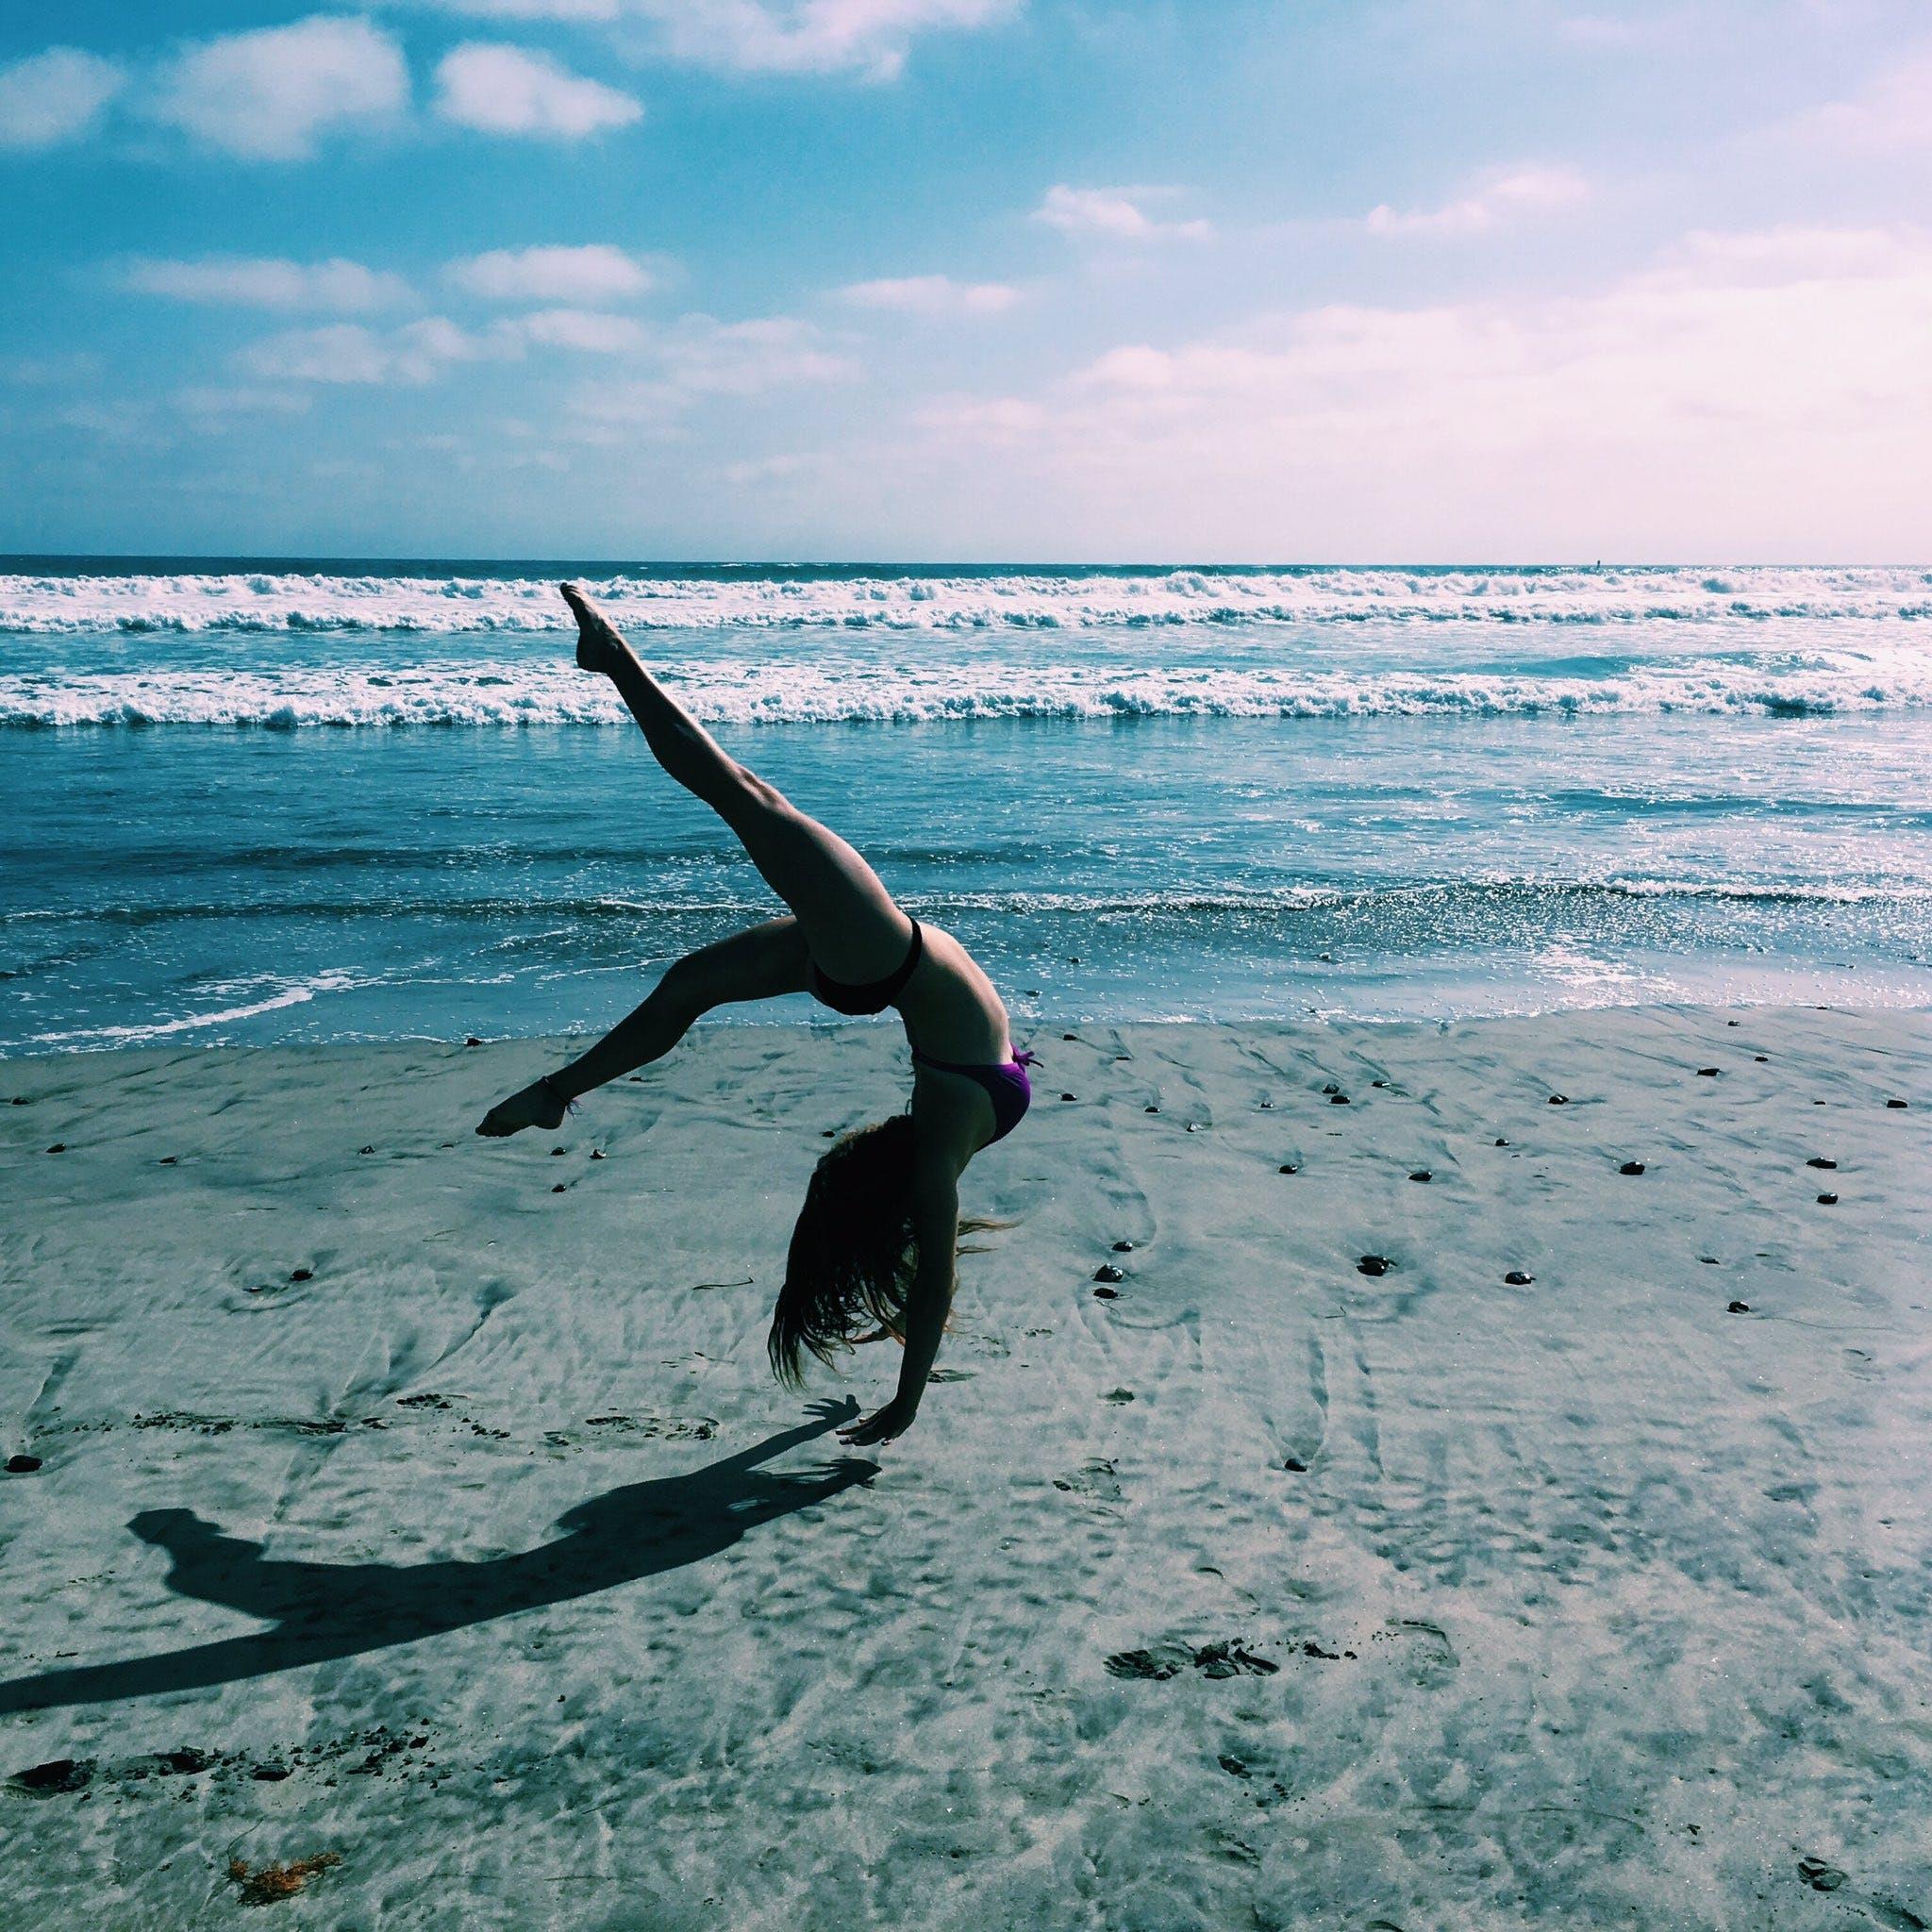 คลังภาพถ่ายฟรี ของ การกระทำ, การพักผ่อนหย่อนใจ, การออกกำลังกาย, การเคลื่อนไหว